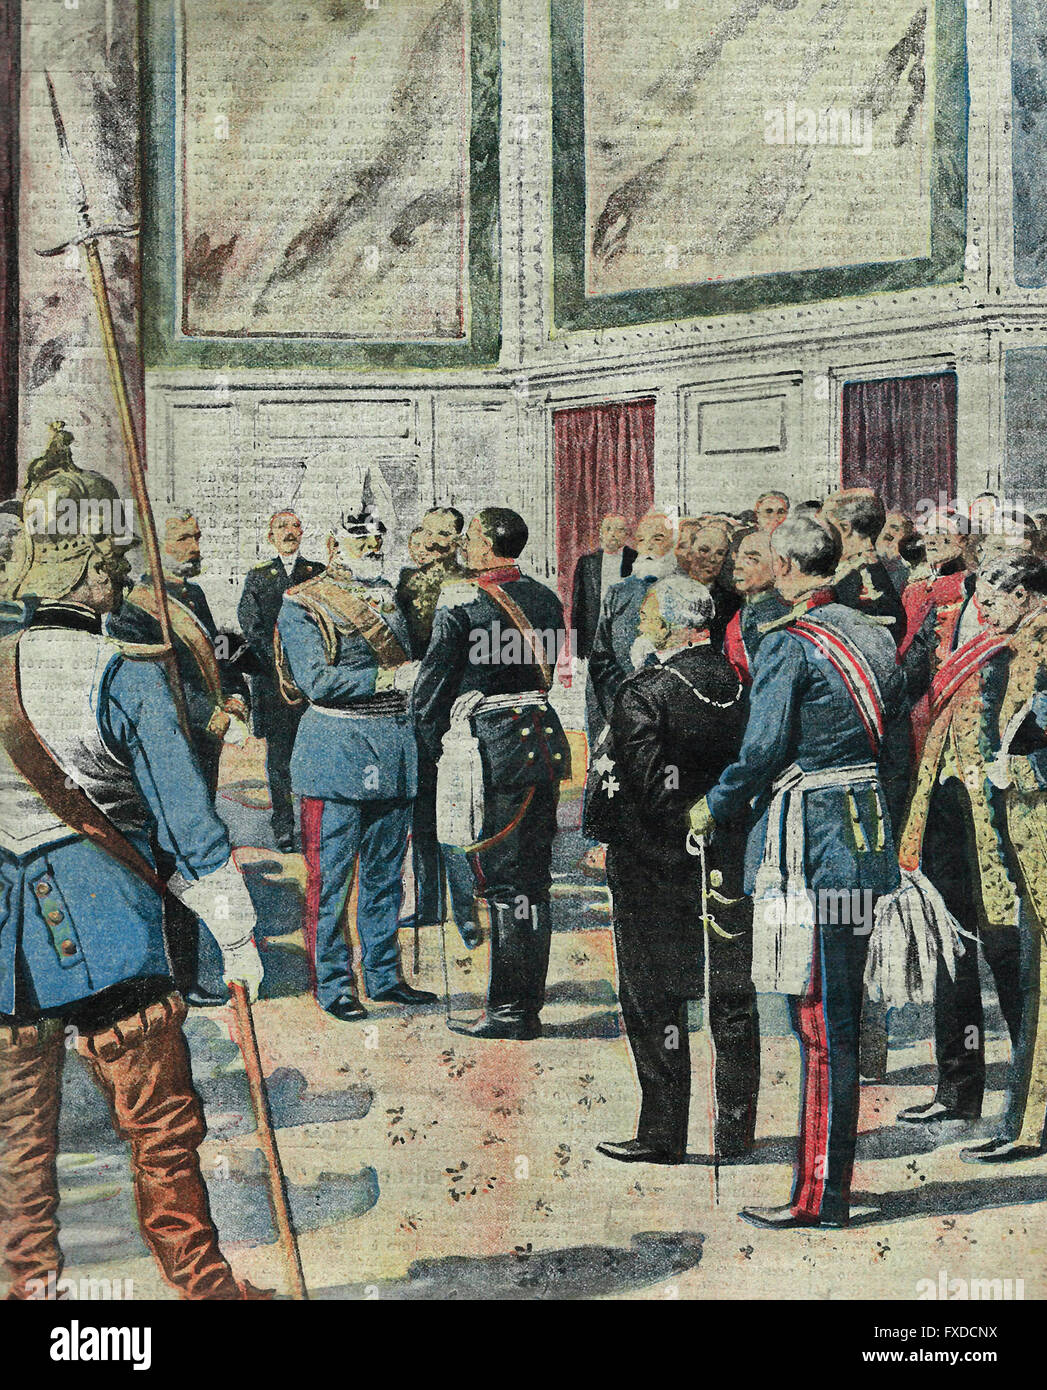 El final de la regencia de Baviera y la asunción al trono del Rey Luis III : El nuevo soberano de Mónaco Imagen De Stock